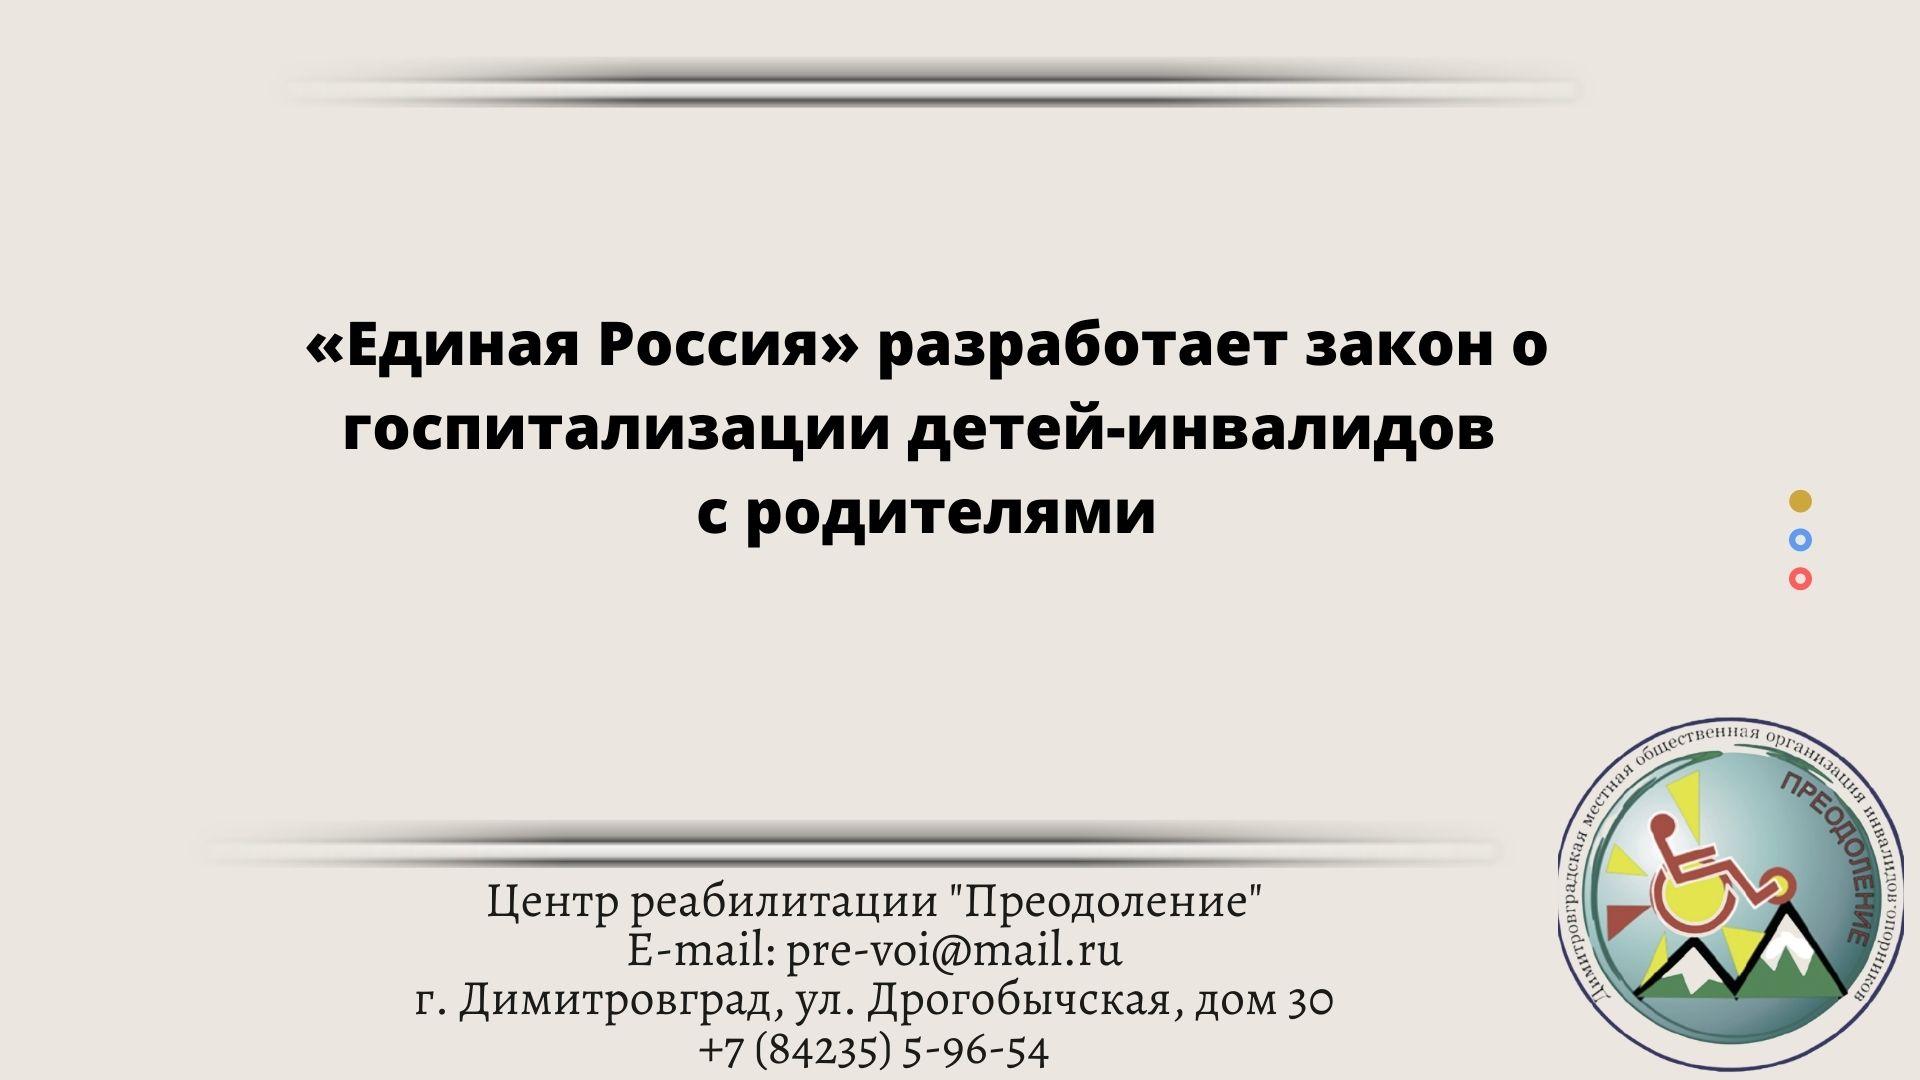 «Единая Россия» разработает закон о госпитализации детей-инвалидов с родителями